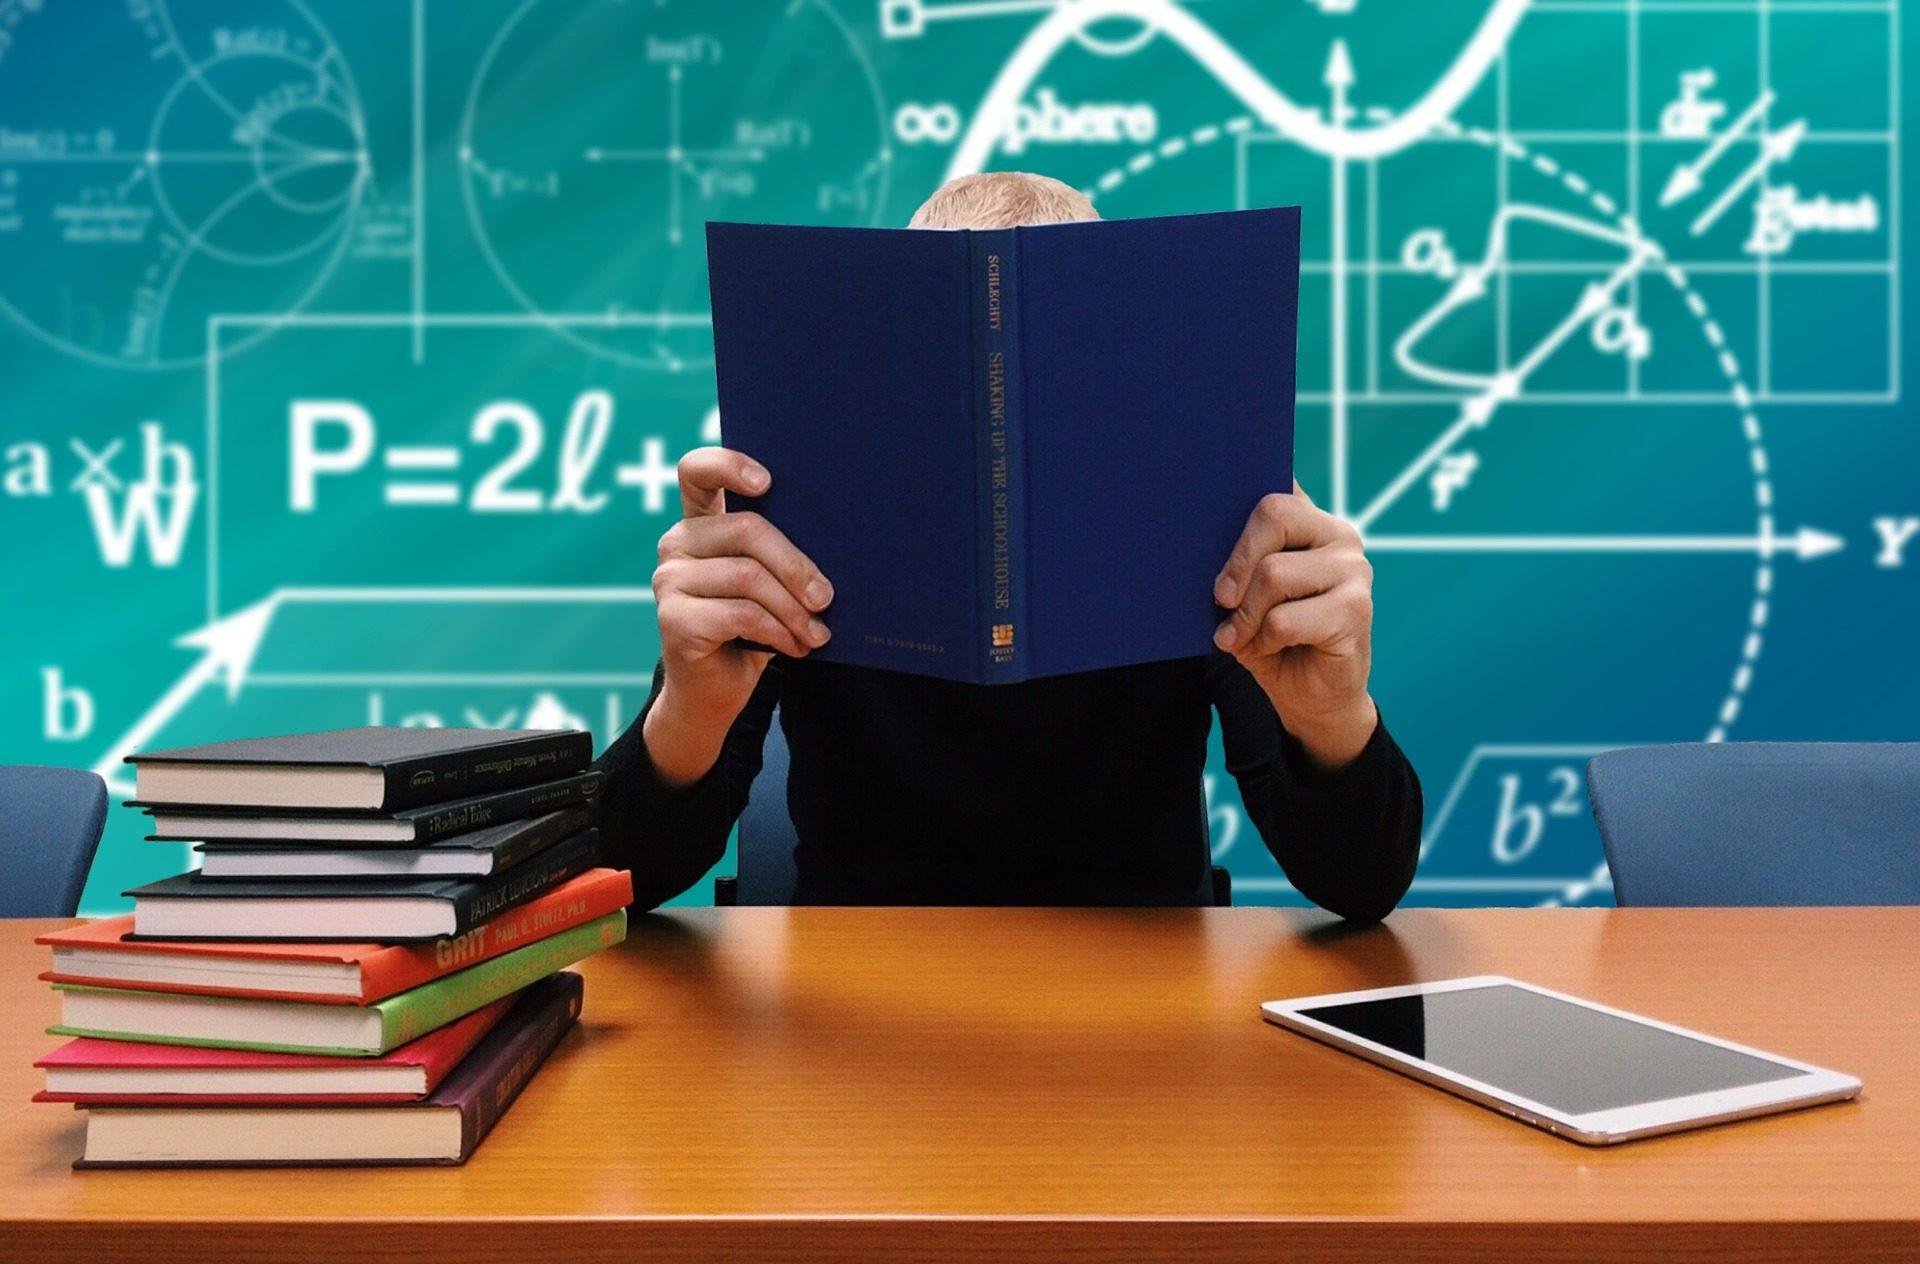 ba9140c35988b9 Come e dove comprare libri scolastici: la guida completa